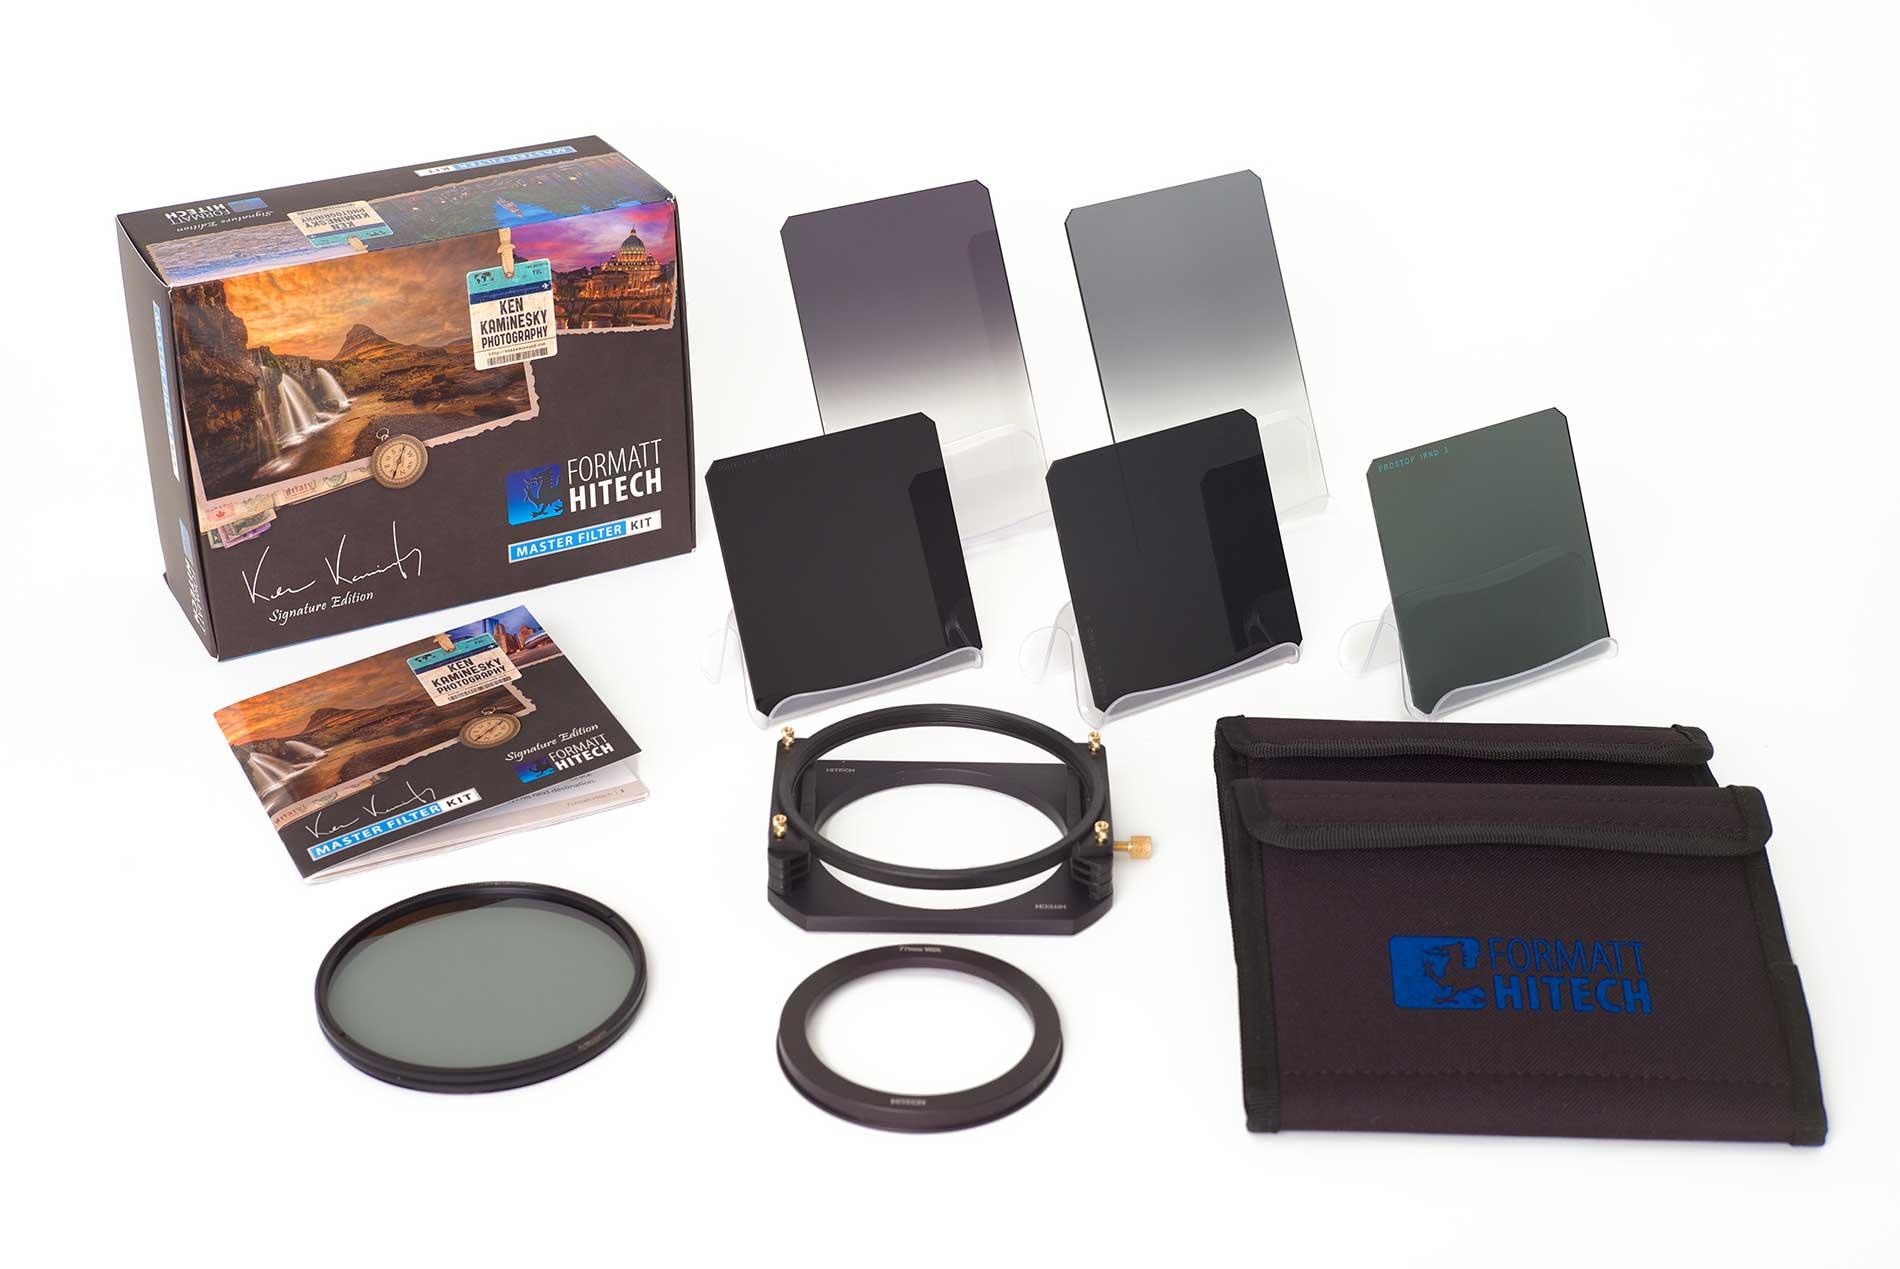 Ken Kaminesky Master Filter Kit from Formatt-Hitech